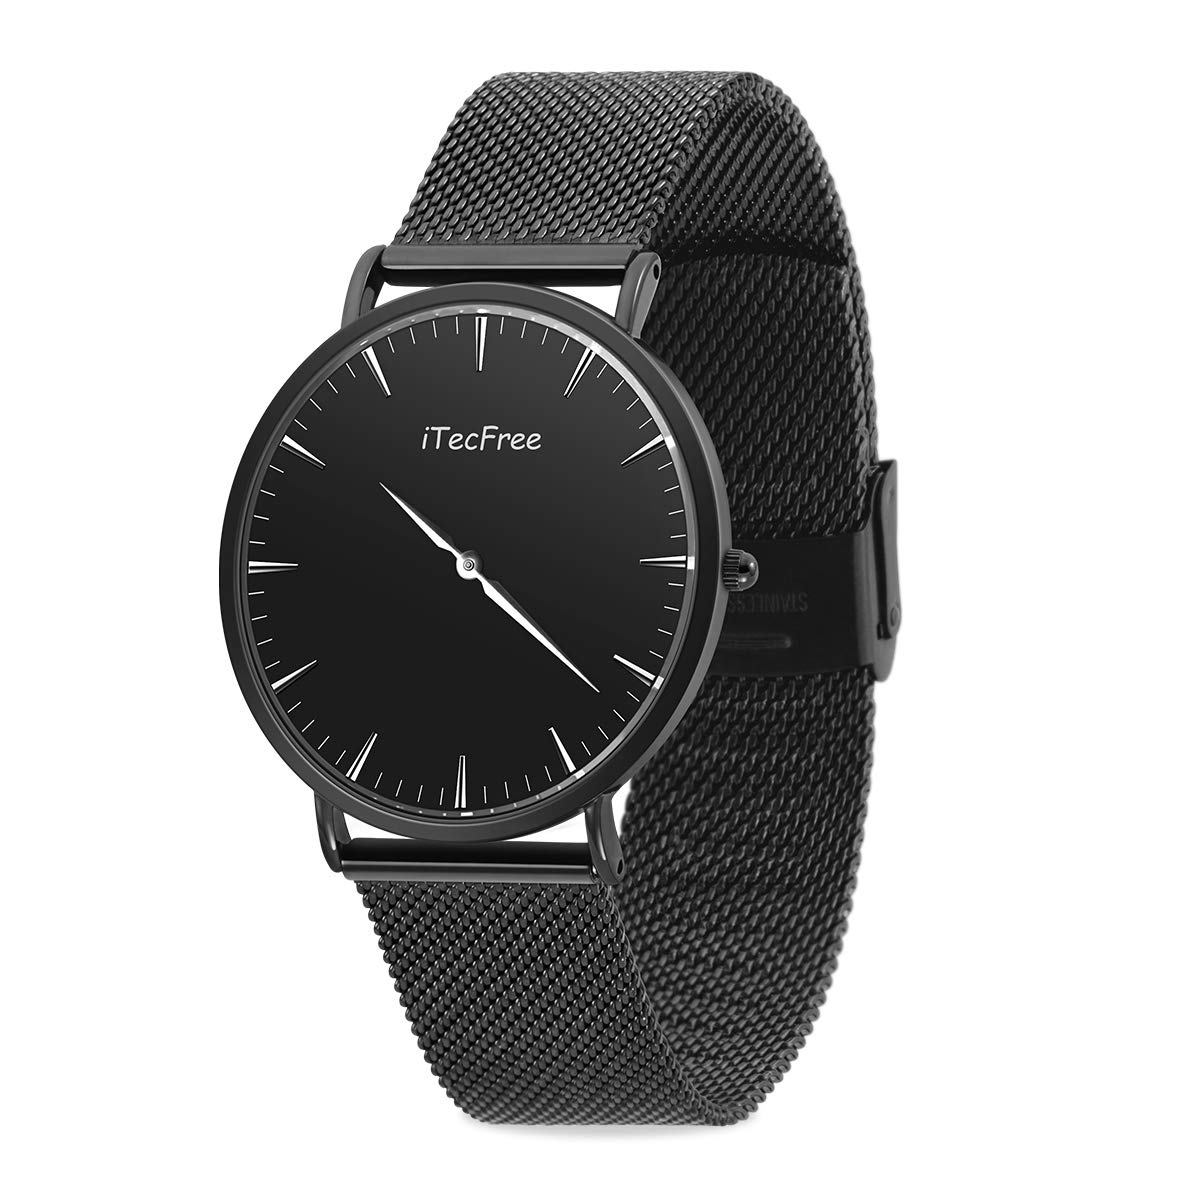 Pulsera del Relojes,Reloj de Pulsera Cuarzo Reloj de Pulsera Reloj Hombre Elegante Casuales de Lujo Clásicos de Acero Inoxidable Impermeables para Hombres (Blanco) (Negro)